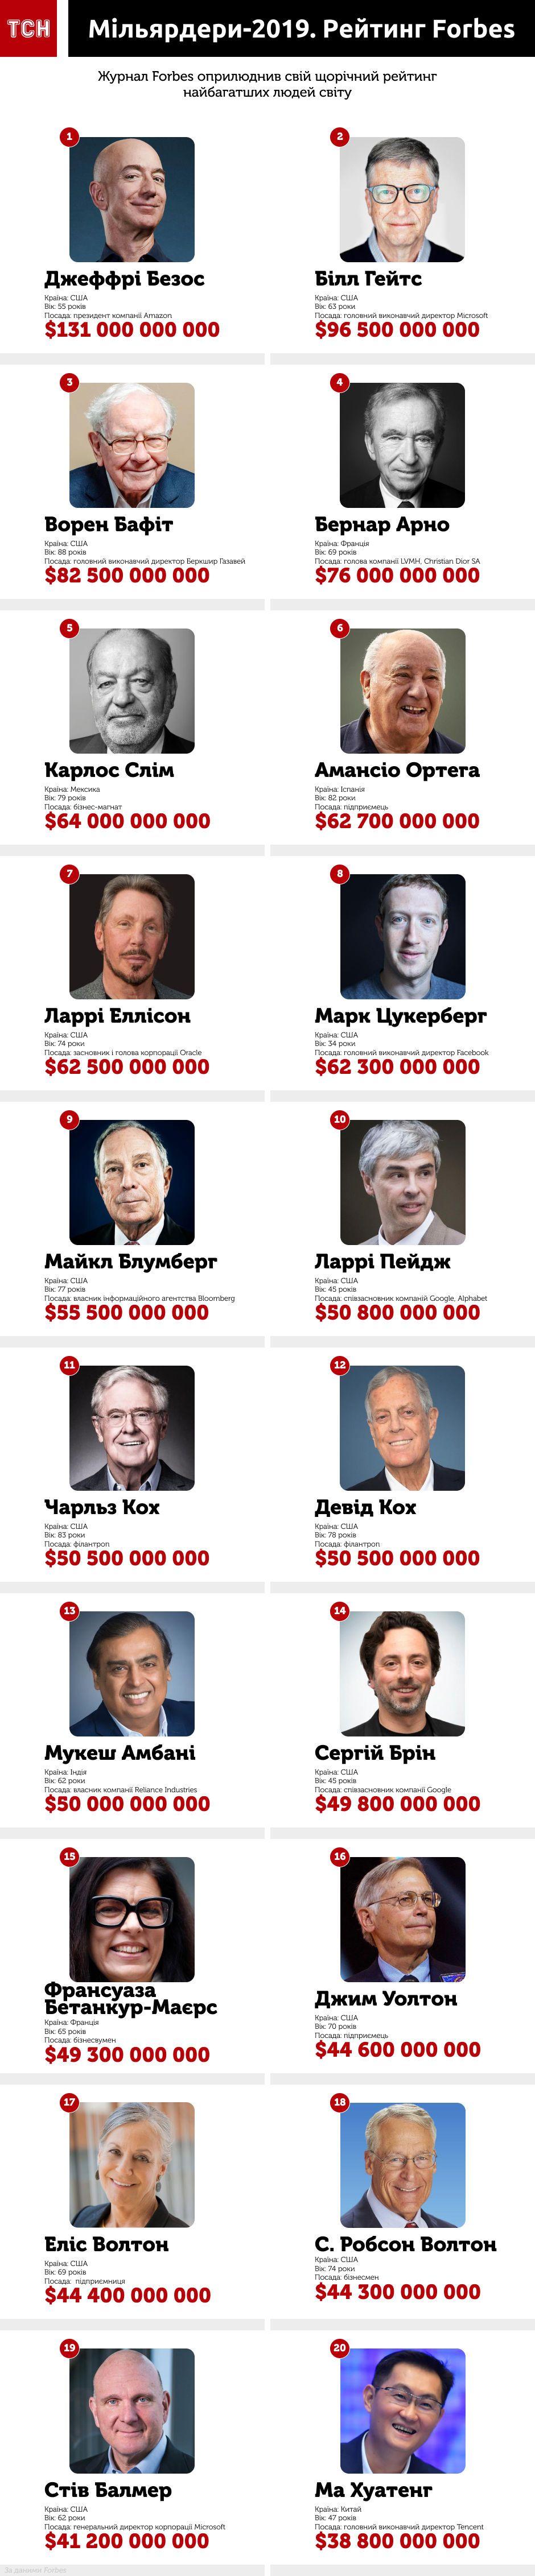 Рейтинг найбагатших людей світу Forbes 2019